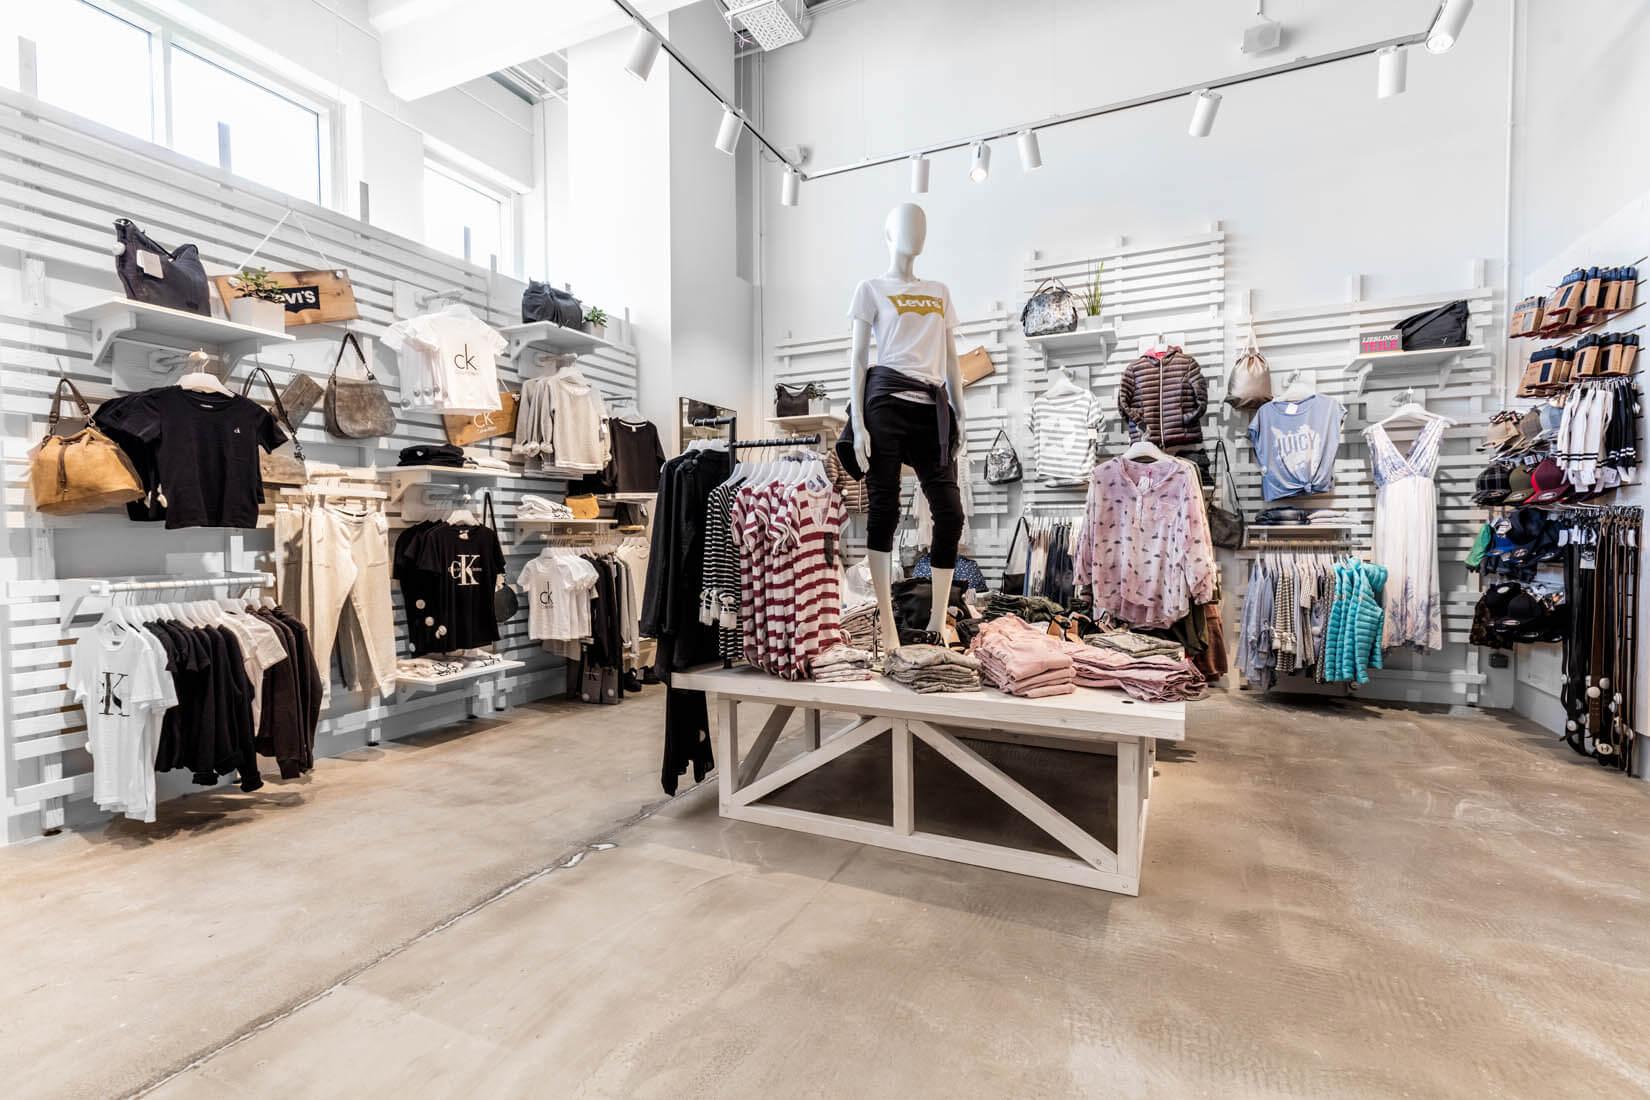 Innenaufnahmen, Shopaufnahmen, Architekturaufnahmen, Architekturfotograf, Innenarchitekturfotograf aus Klagenfurt